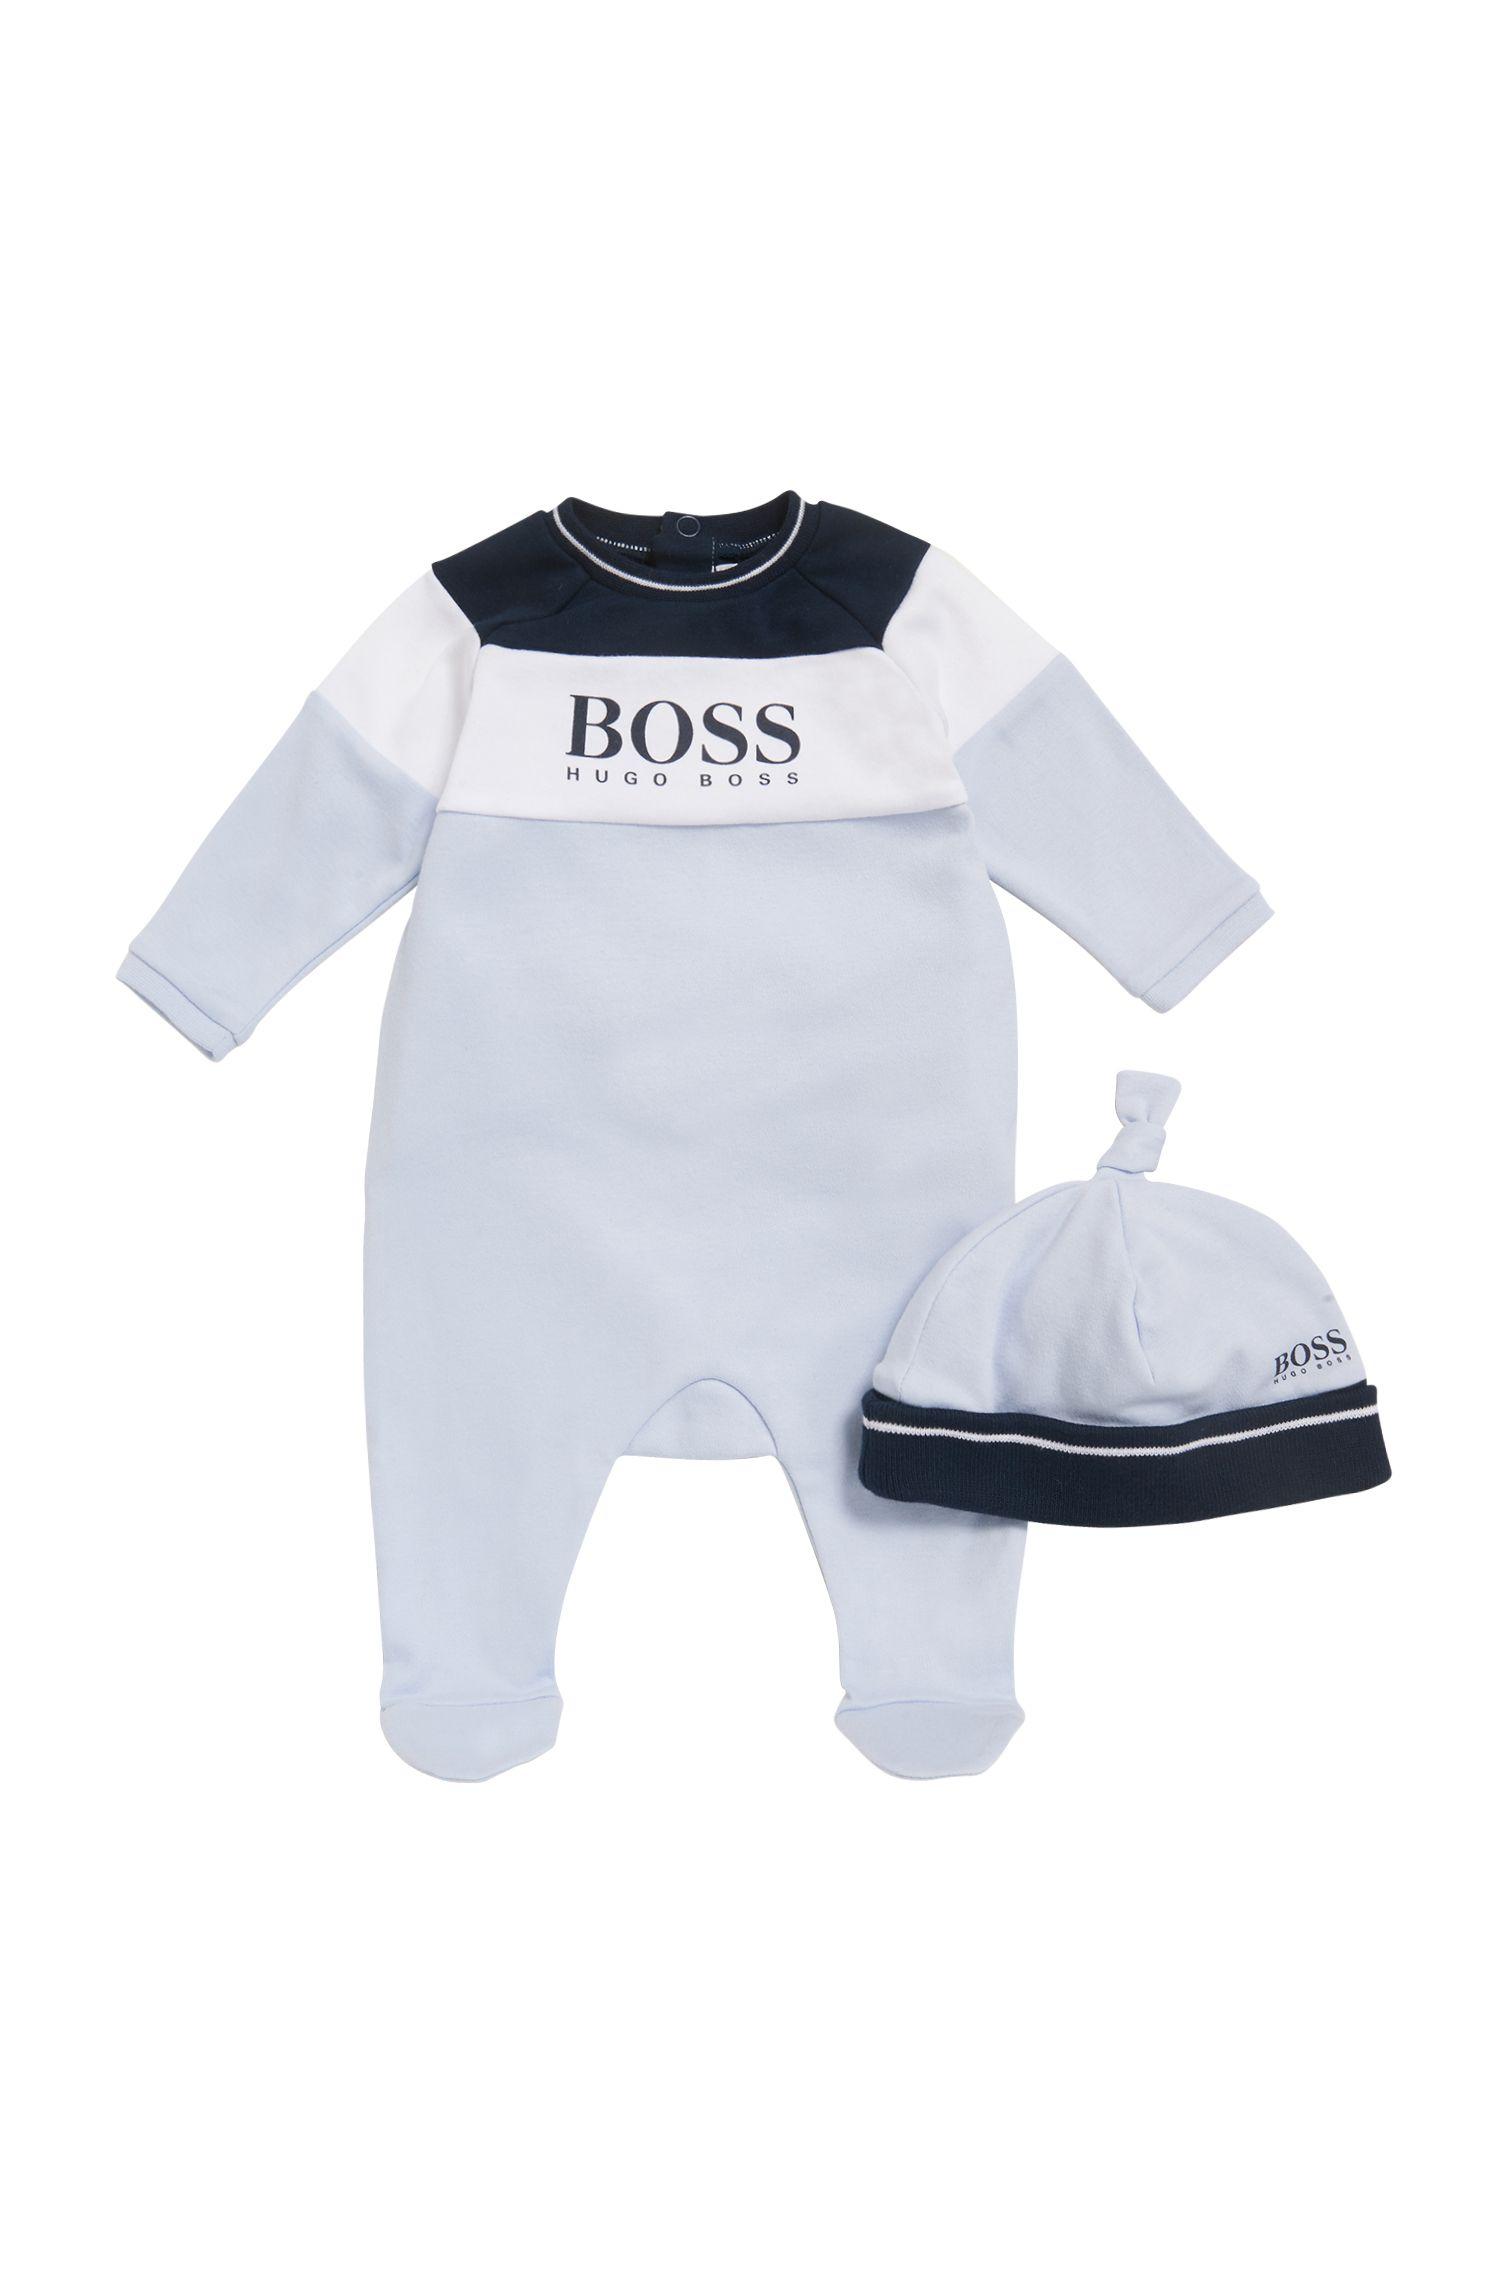 Geschenk-Set mit Baby-Pyjama und Mütze mit Logo-Print